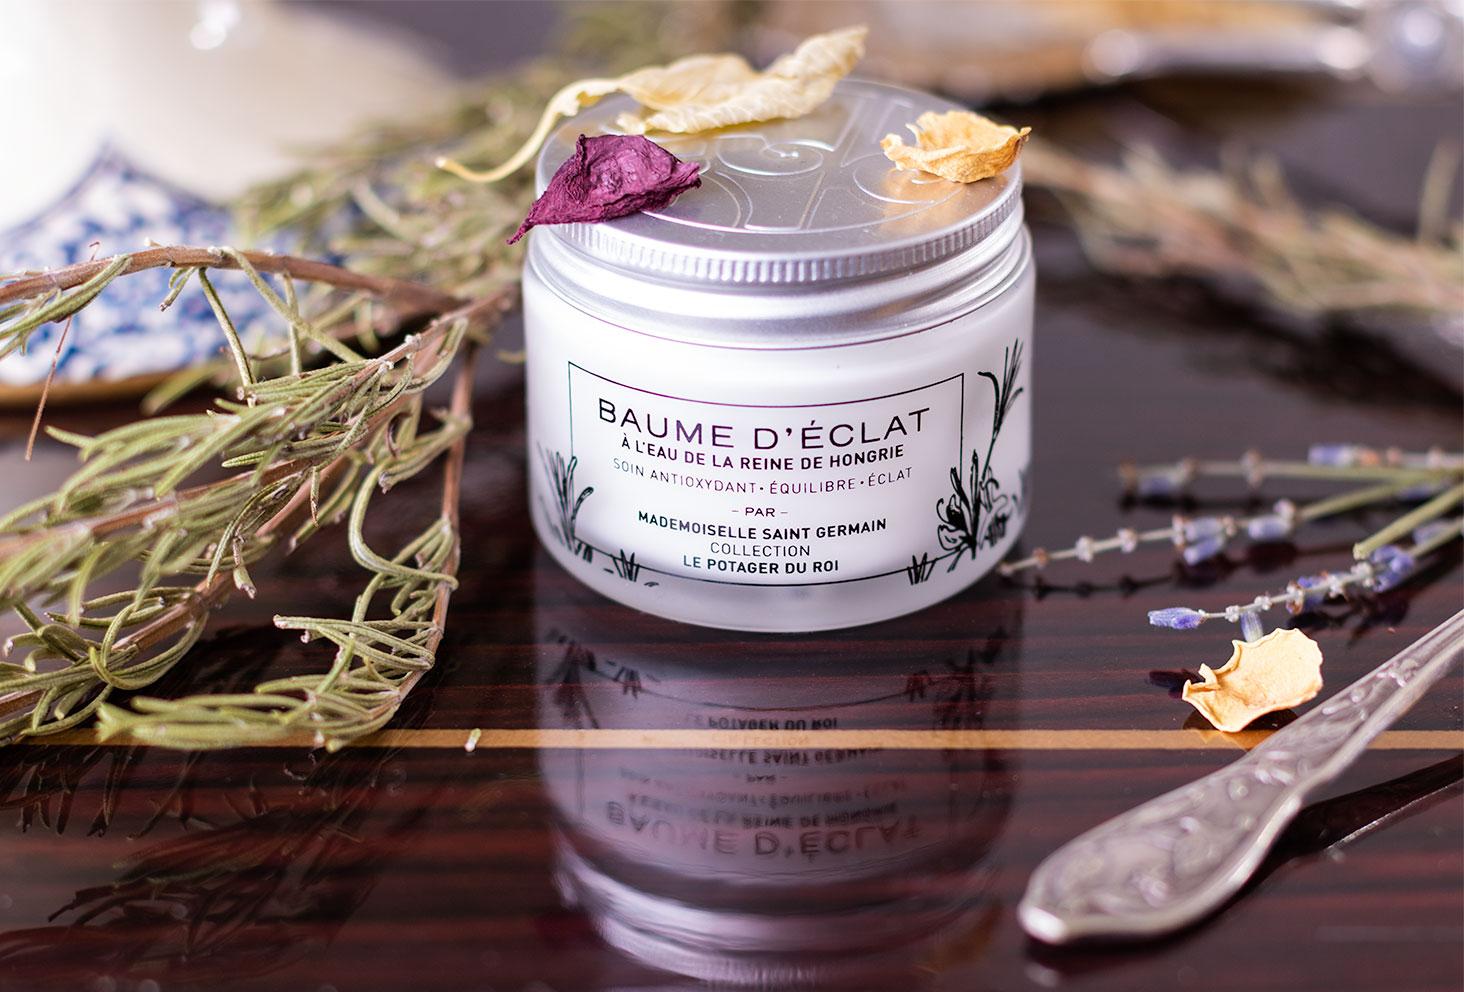 Le baume d'Eclat au romarin de Mademoiselle Saint Germain de la routine visage idéale pour l'hiver, sur une desserte en bois vernis au milieu de fleurs sèches et de romarin sec à la douce odeur